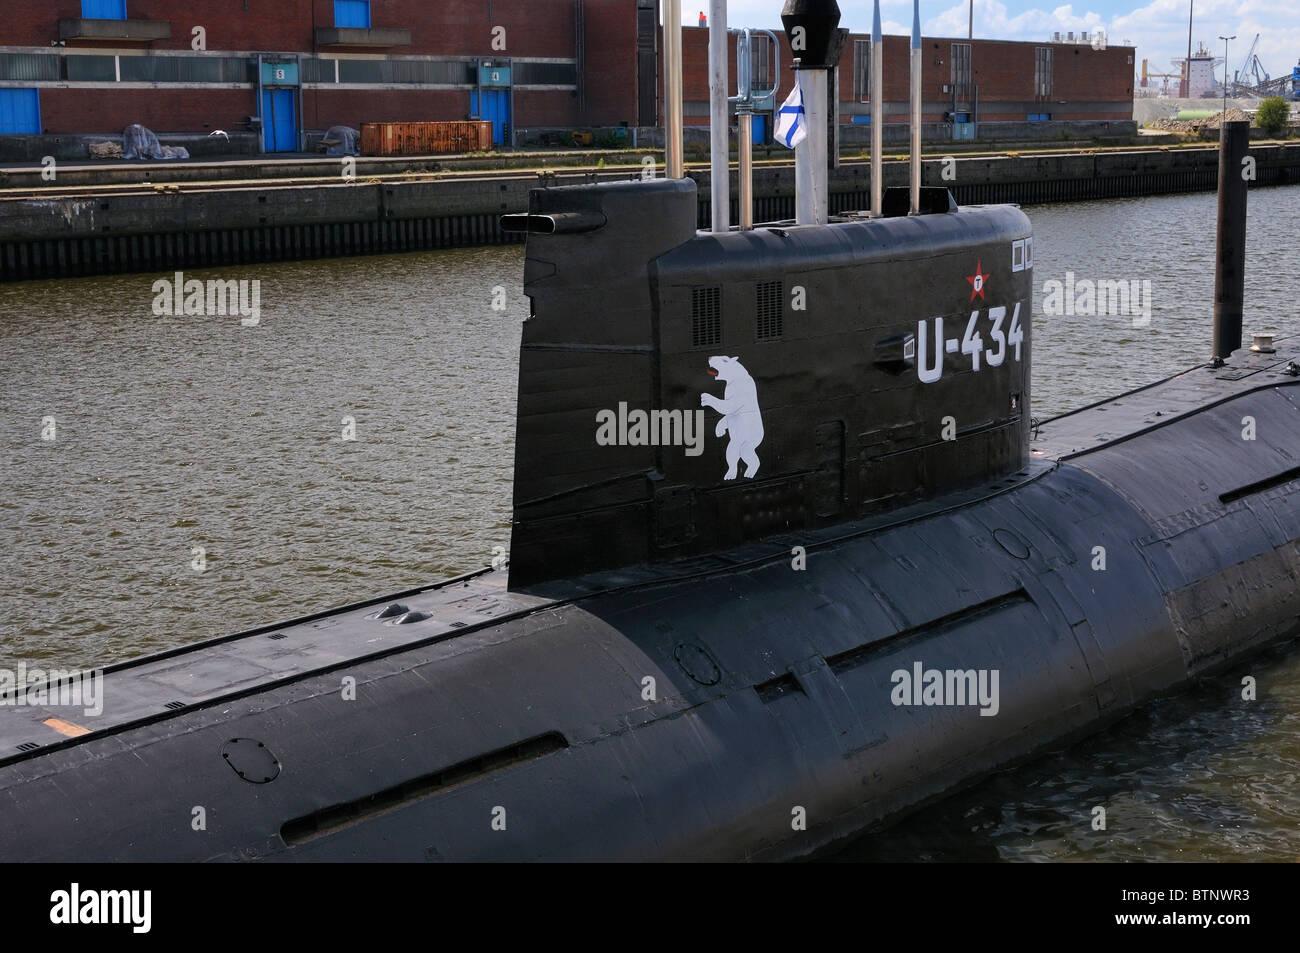 U-434 - Federación Tango-Class (Projekt 641b) Guerra Fría es ahora un museo submarino en el puerto de Imagen De Stock